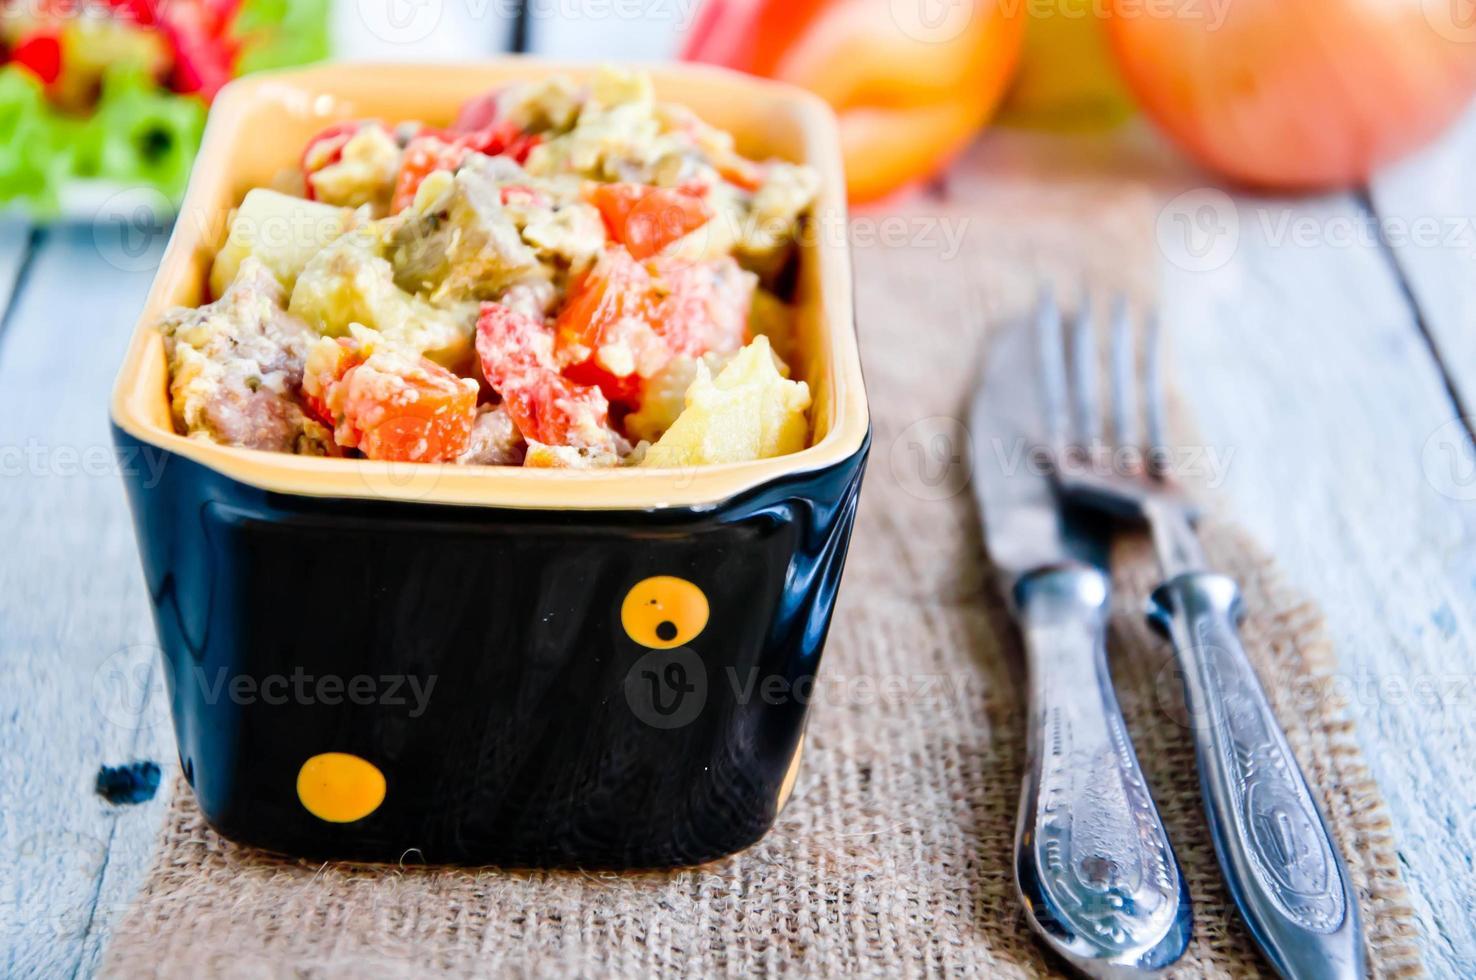 delicioso lentilha e ensopado de legumes foto